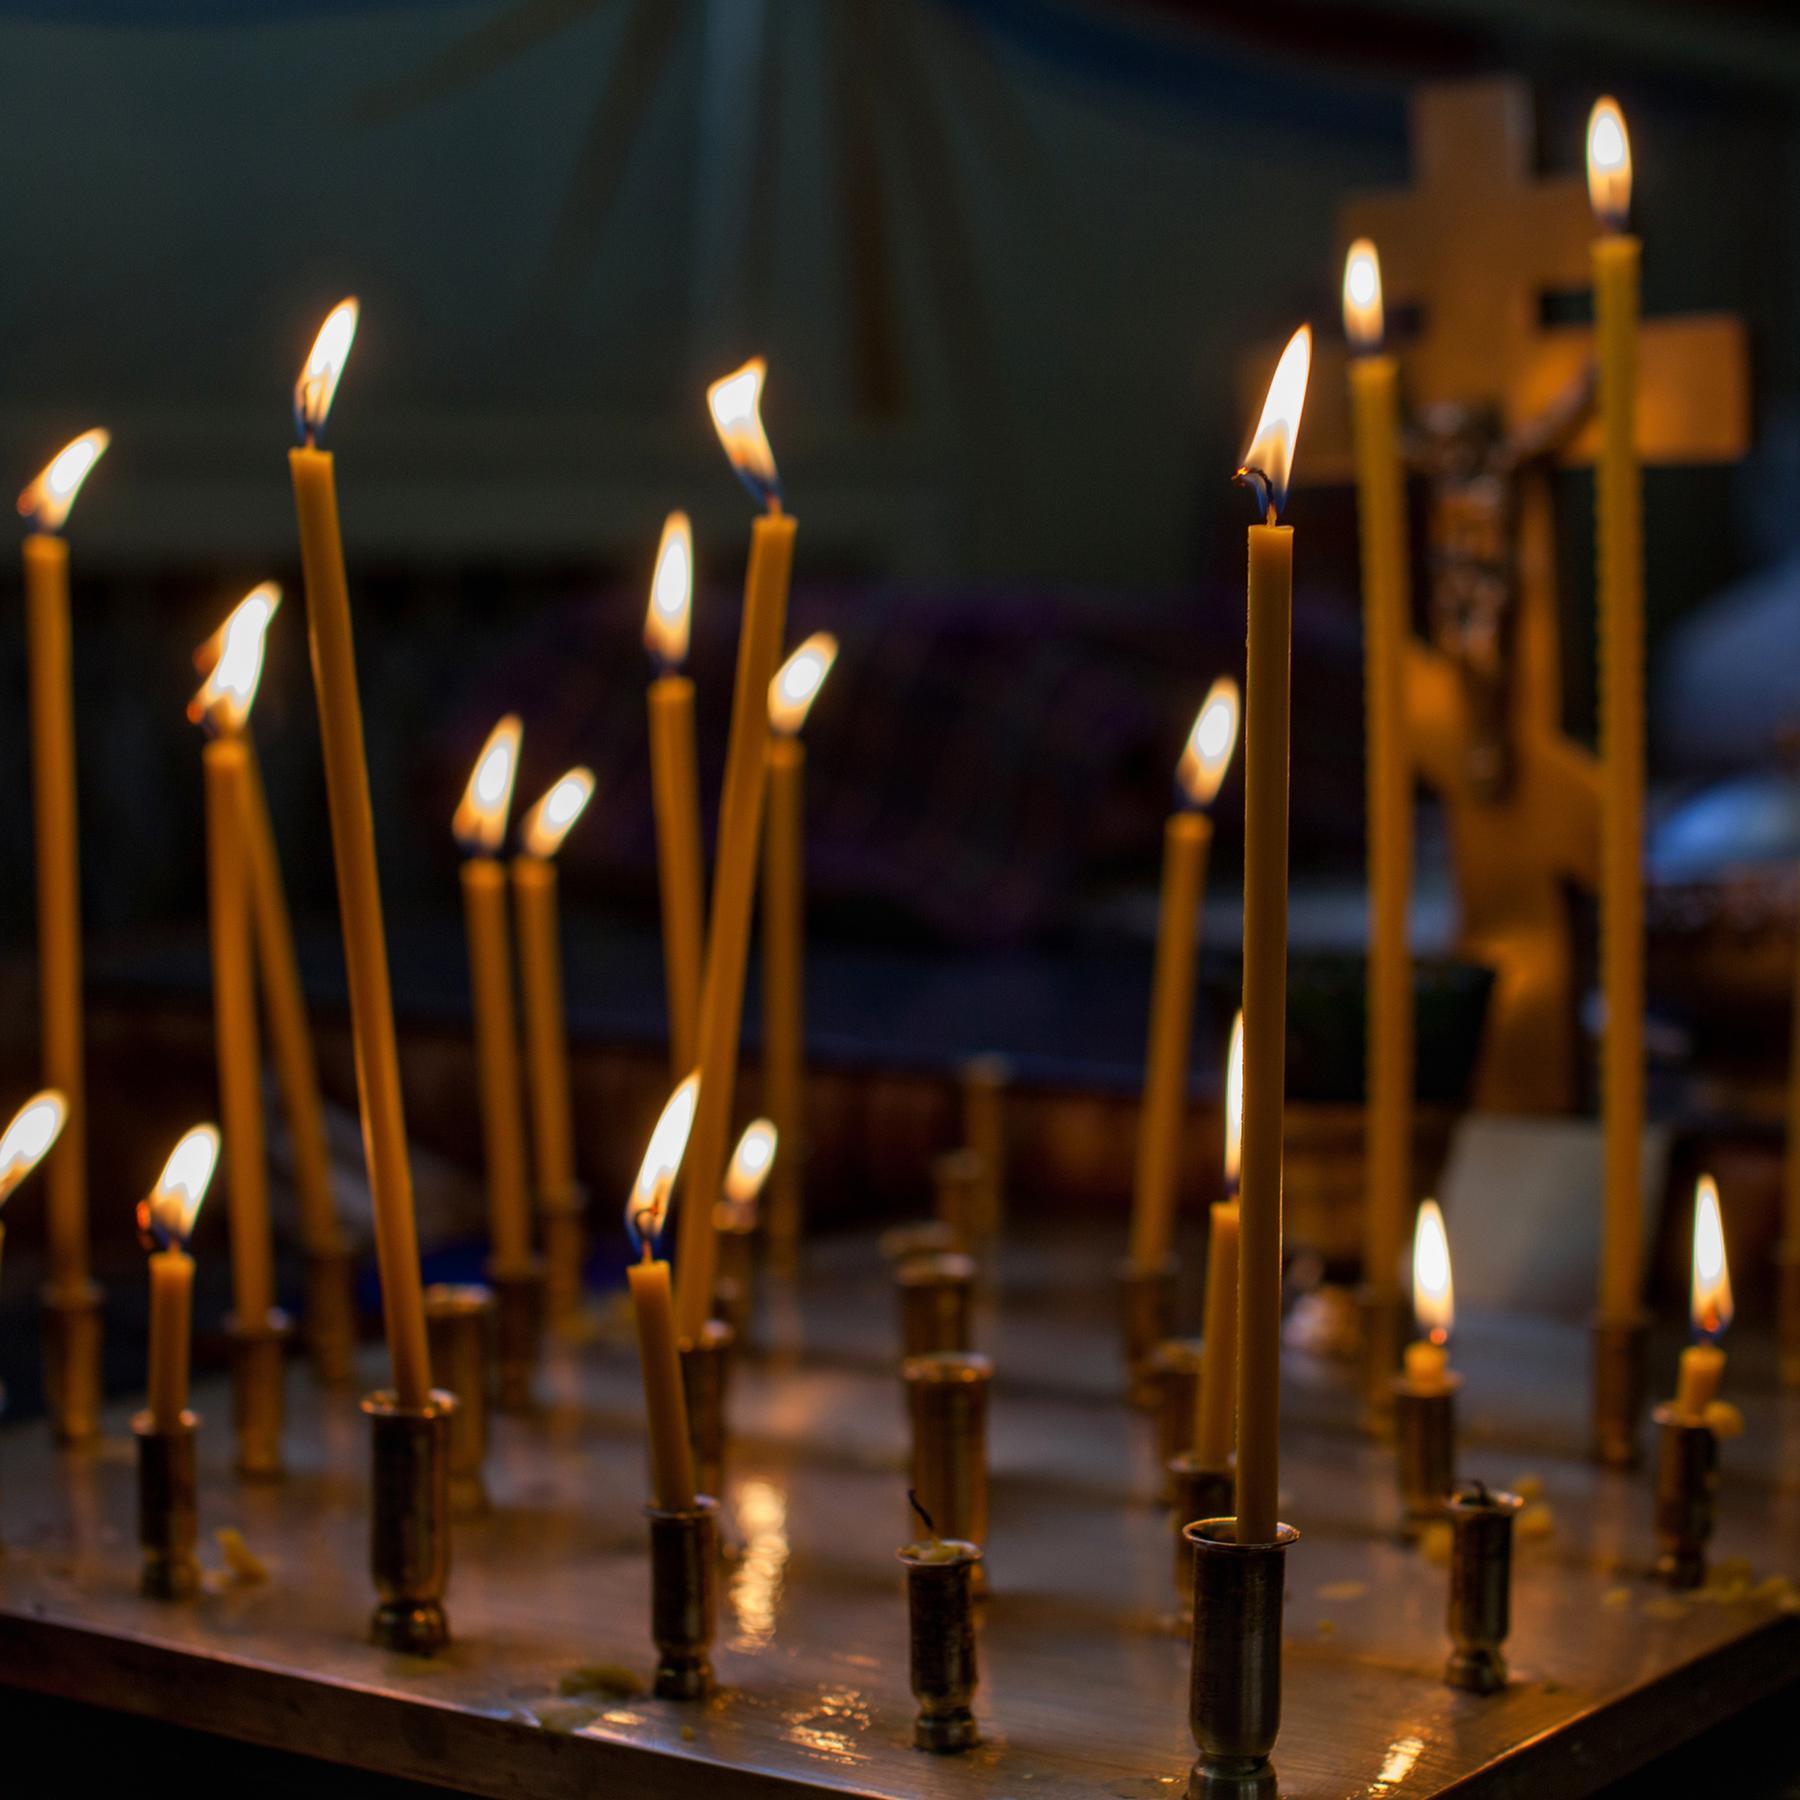 Feuer in den Religionen - Erleuchtung, Reinigung, Wandel